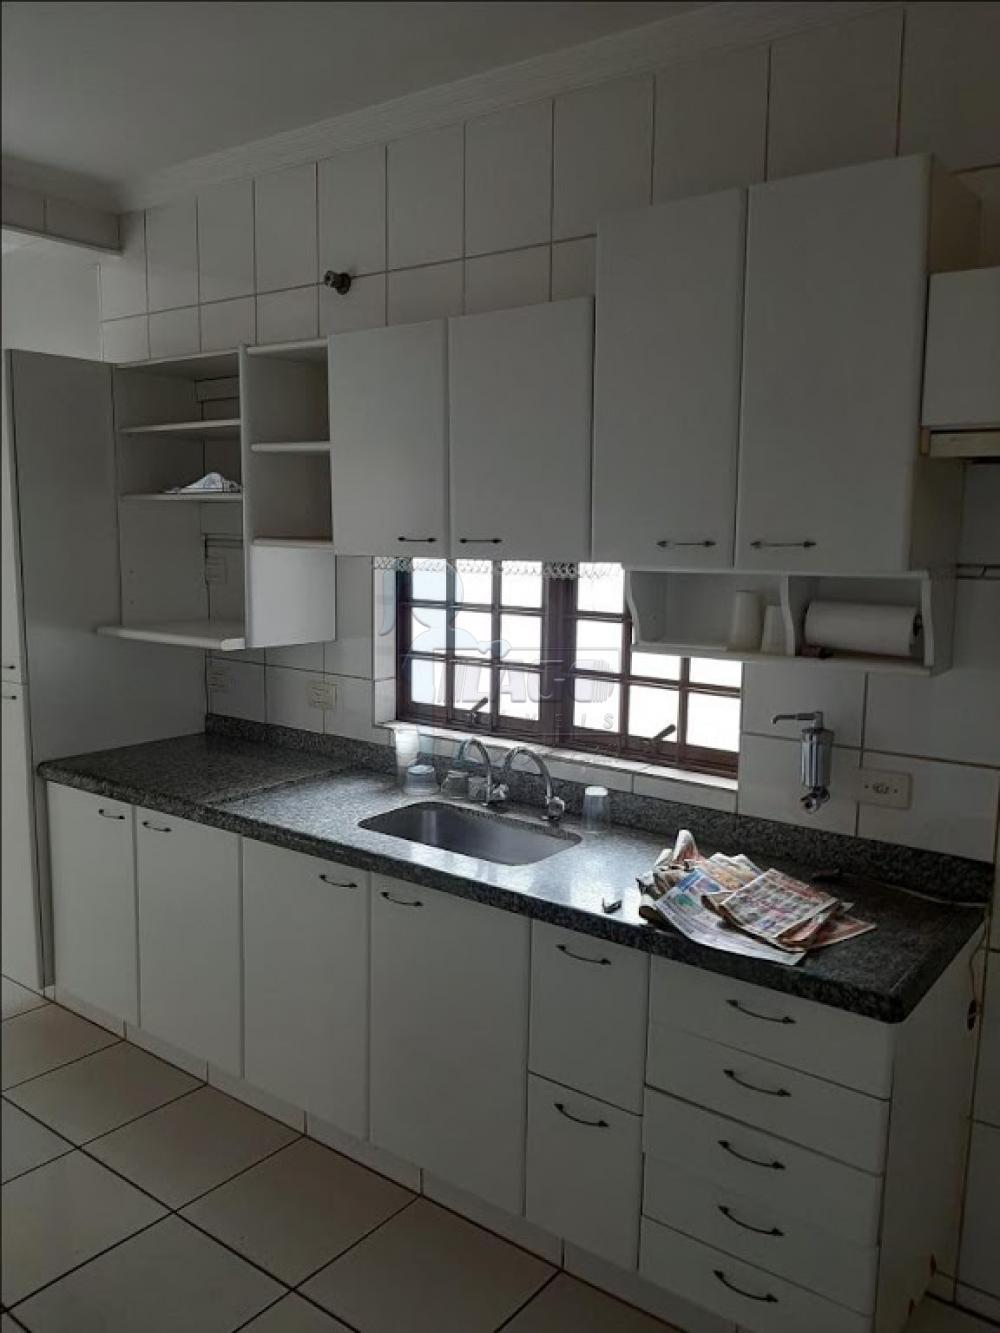 Comprar Casas / Padrão em Ribeirão Preto apenas R$ 490.000,00 - Foto 16